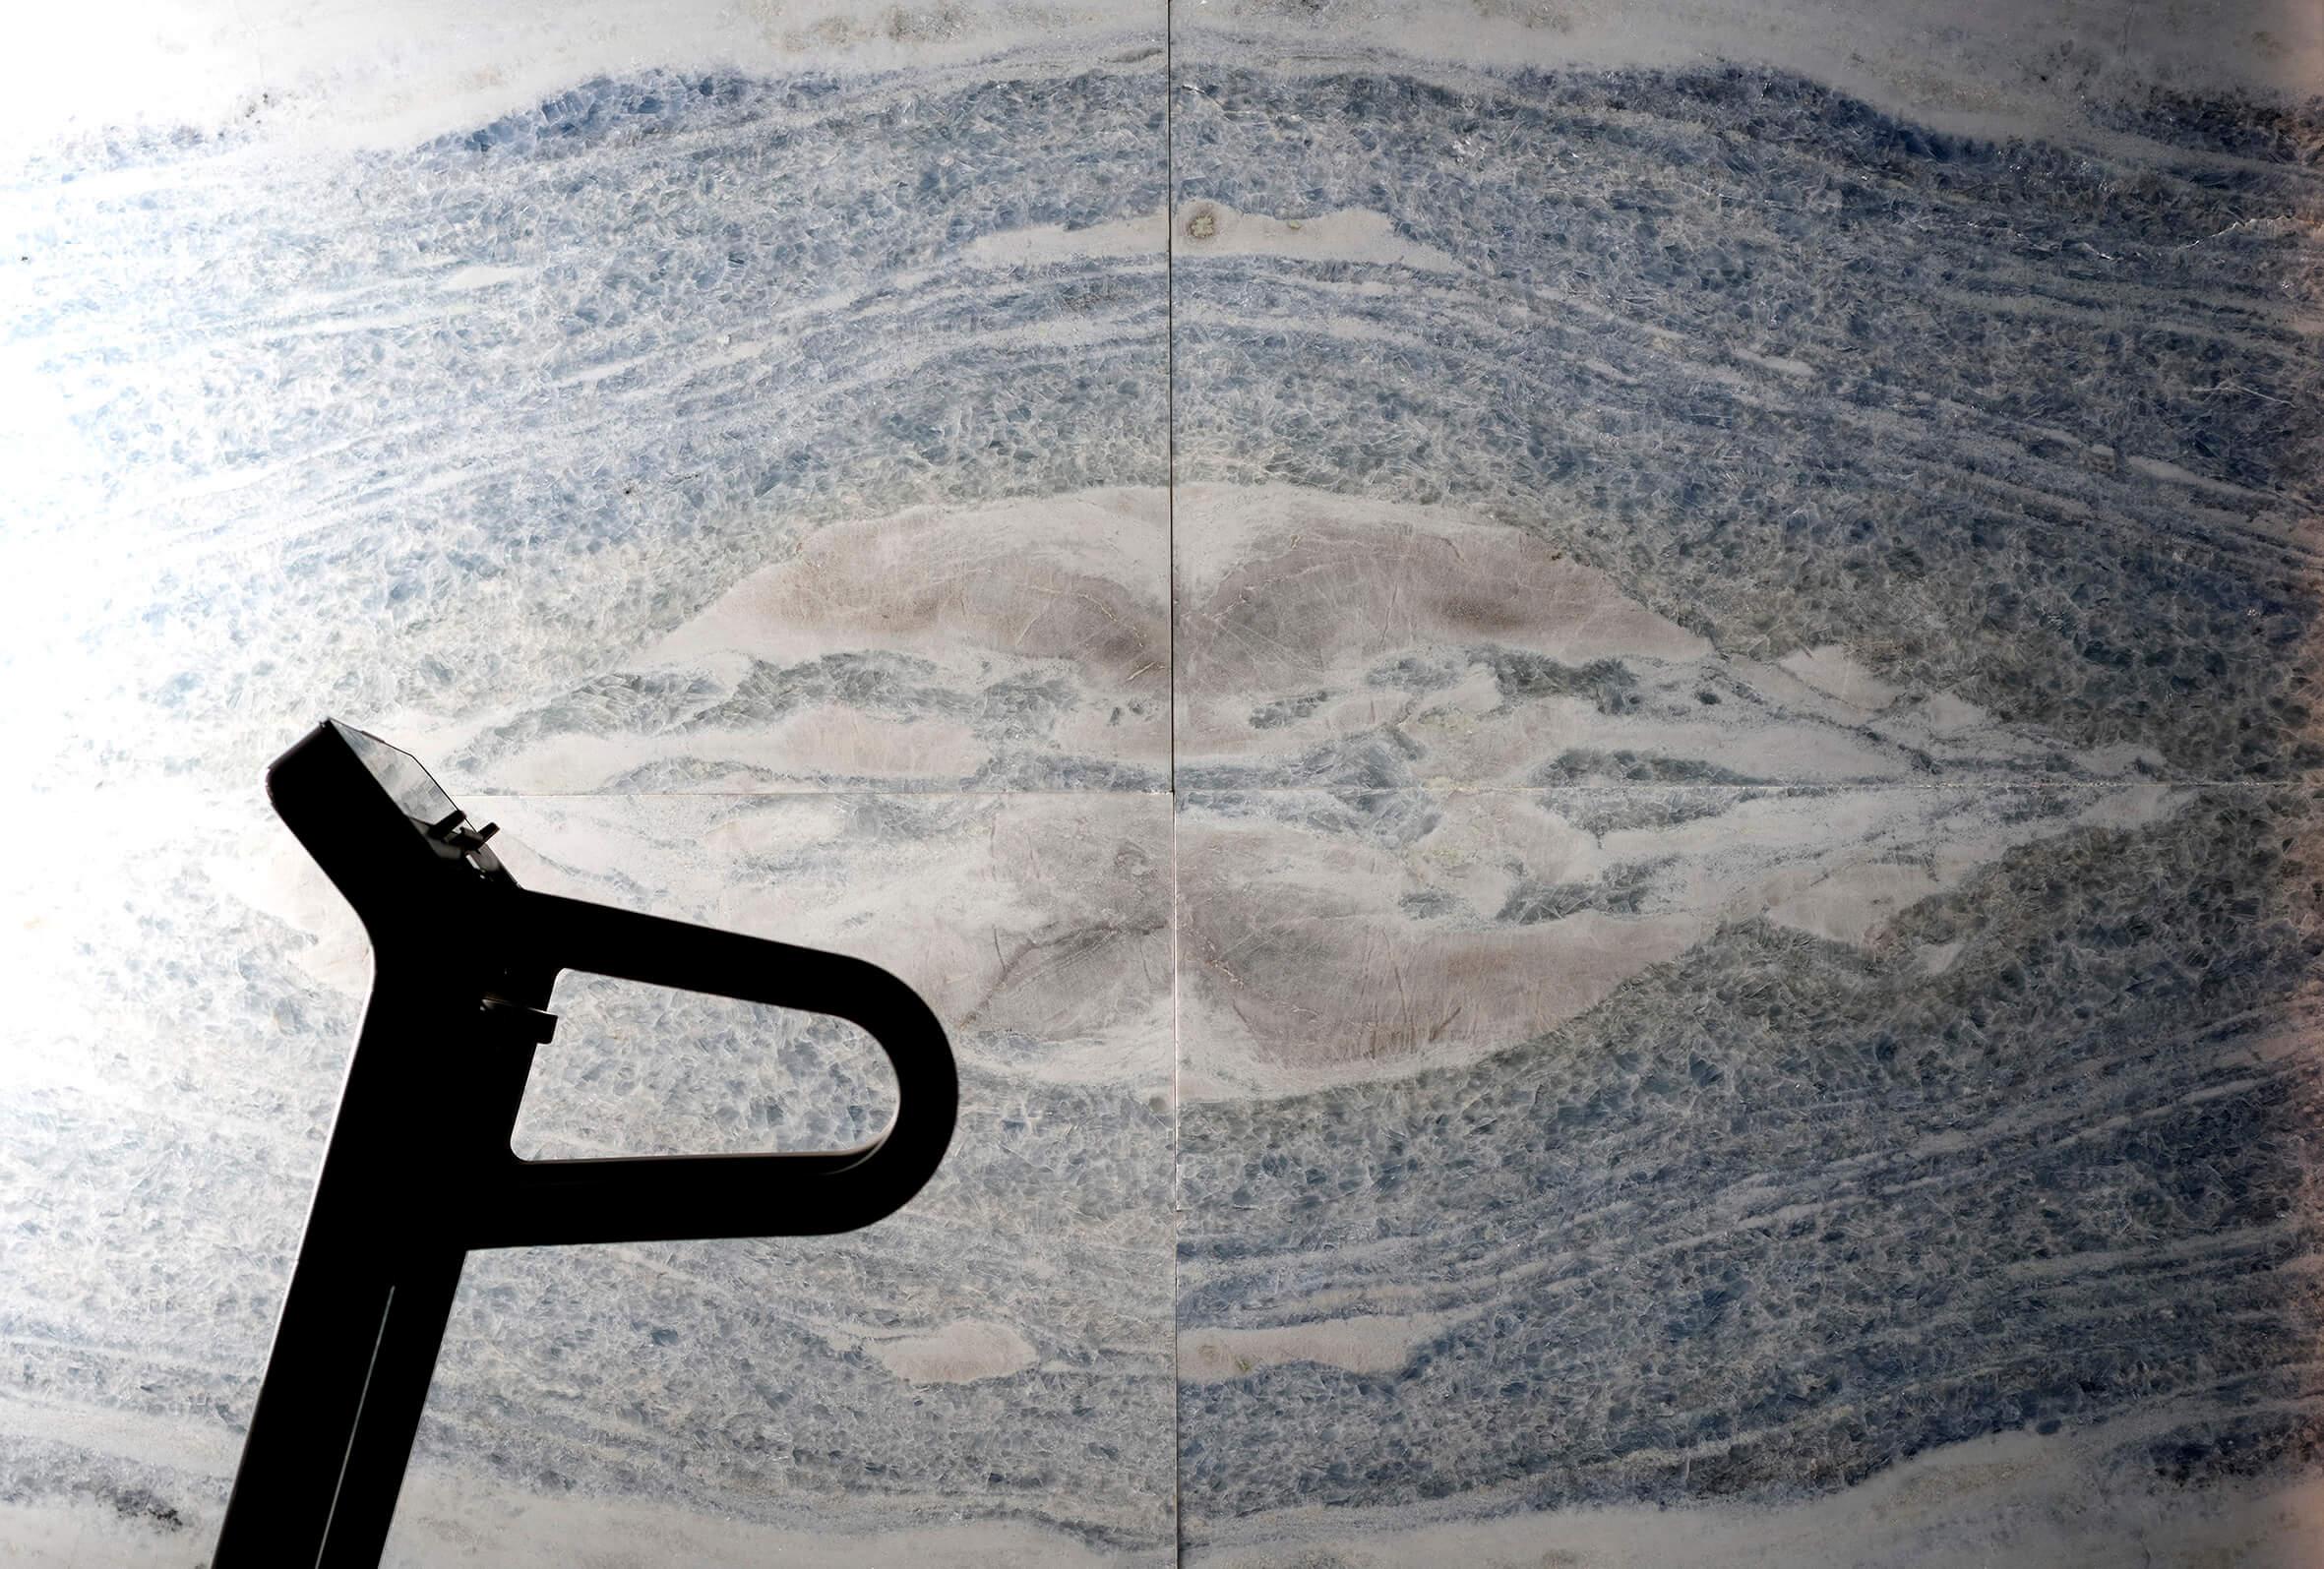 Calacatta Cielo stellt damit eine ausgesprochen zeitgenössische Kombination aus Textur und Ton dar, die eine perfekte Lösungsmöglichkeit für Küchen oder Bäder mit einem klaren Designanspruch dar. Vor allem der Gedanke, an eine Badewanne, die aus einem ganzen Block dieser Variation von Antolini Naturstein gefertigt ist und deren Form der Kornstruktur des Steines folgt, lässt Innendesigner eine magische Vision von natürlicher Bewegung verwirklichen. Die angeborene Geometrie der Körner dieses Marmors nehmen den Betrachter an der Oberfläche gefangen und zieht ihn tief in das beruhigende Wasser hinein. Gleichzeitig bildet dieser Antolini Naturstein eine hervorragende Variante für die Kreation von Möbelstücken oder anderen einzigartigen Objekten.